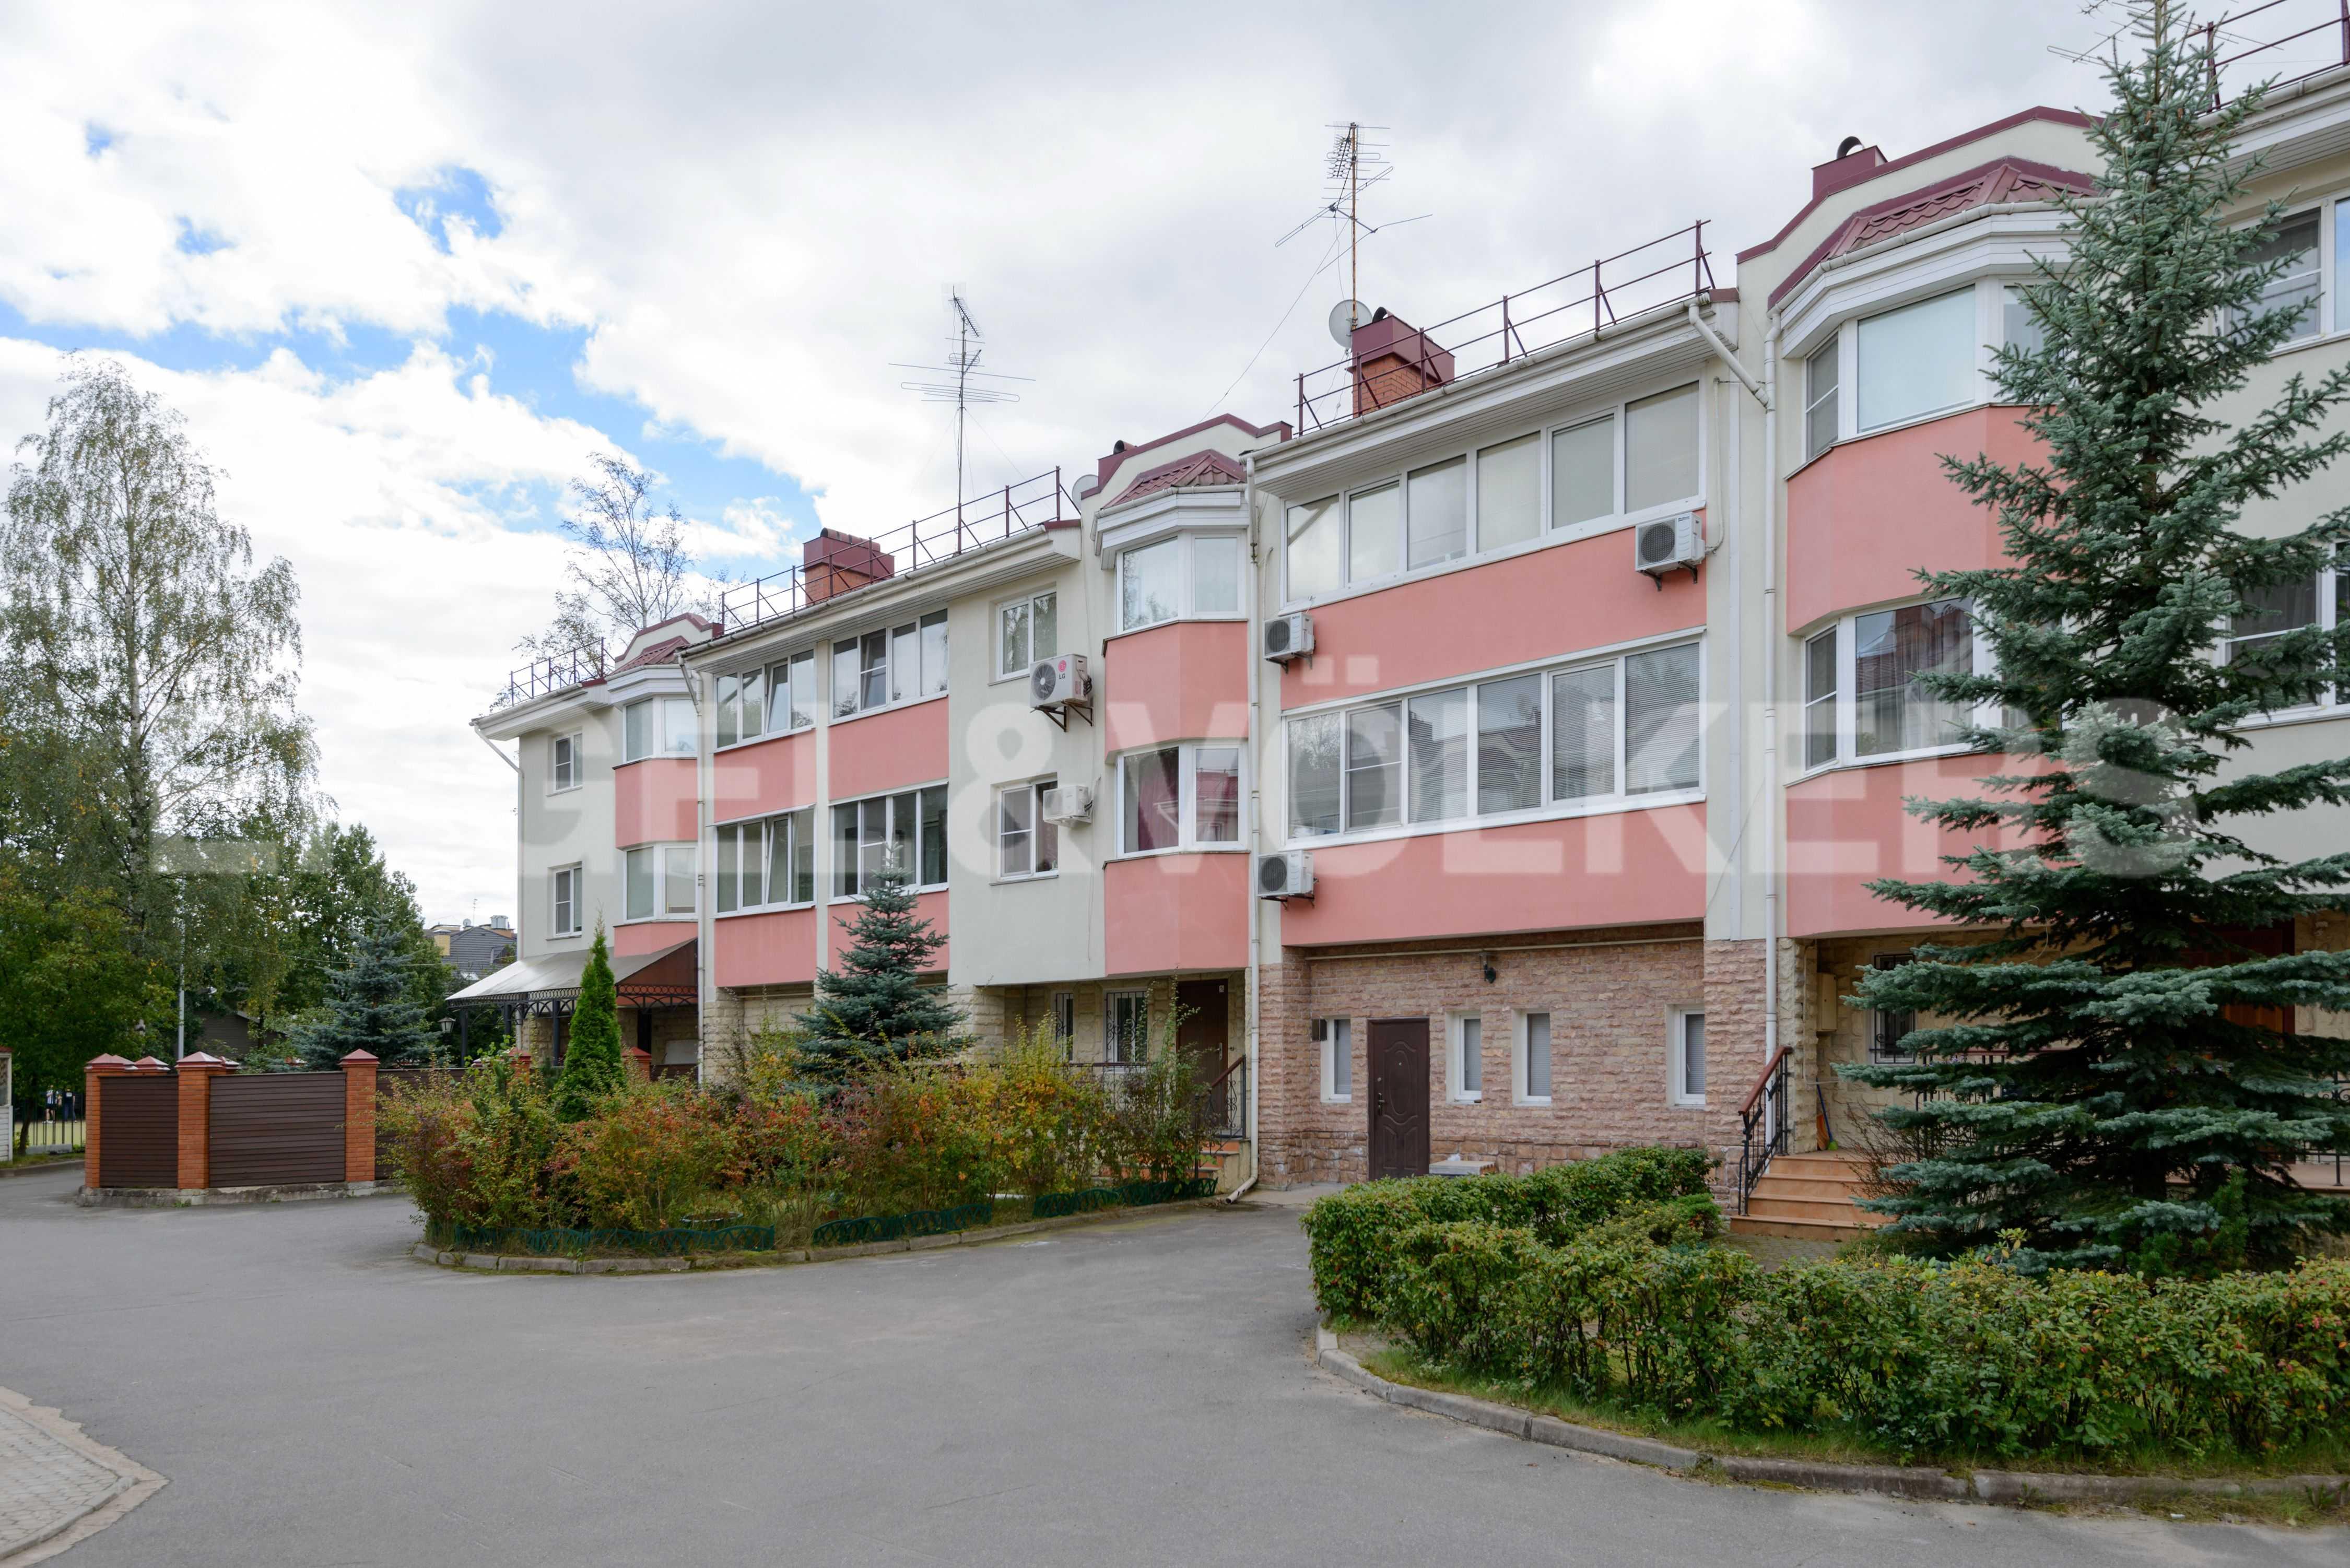 Элитные квартиры в Других районах области. Санкт-Петербург, Тбилисская, 22 . Закрытая придомовая территория